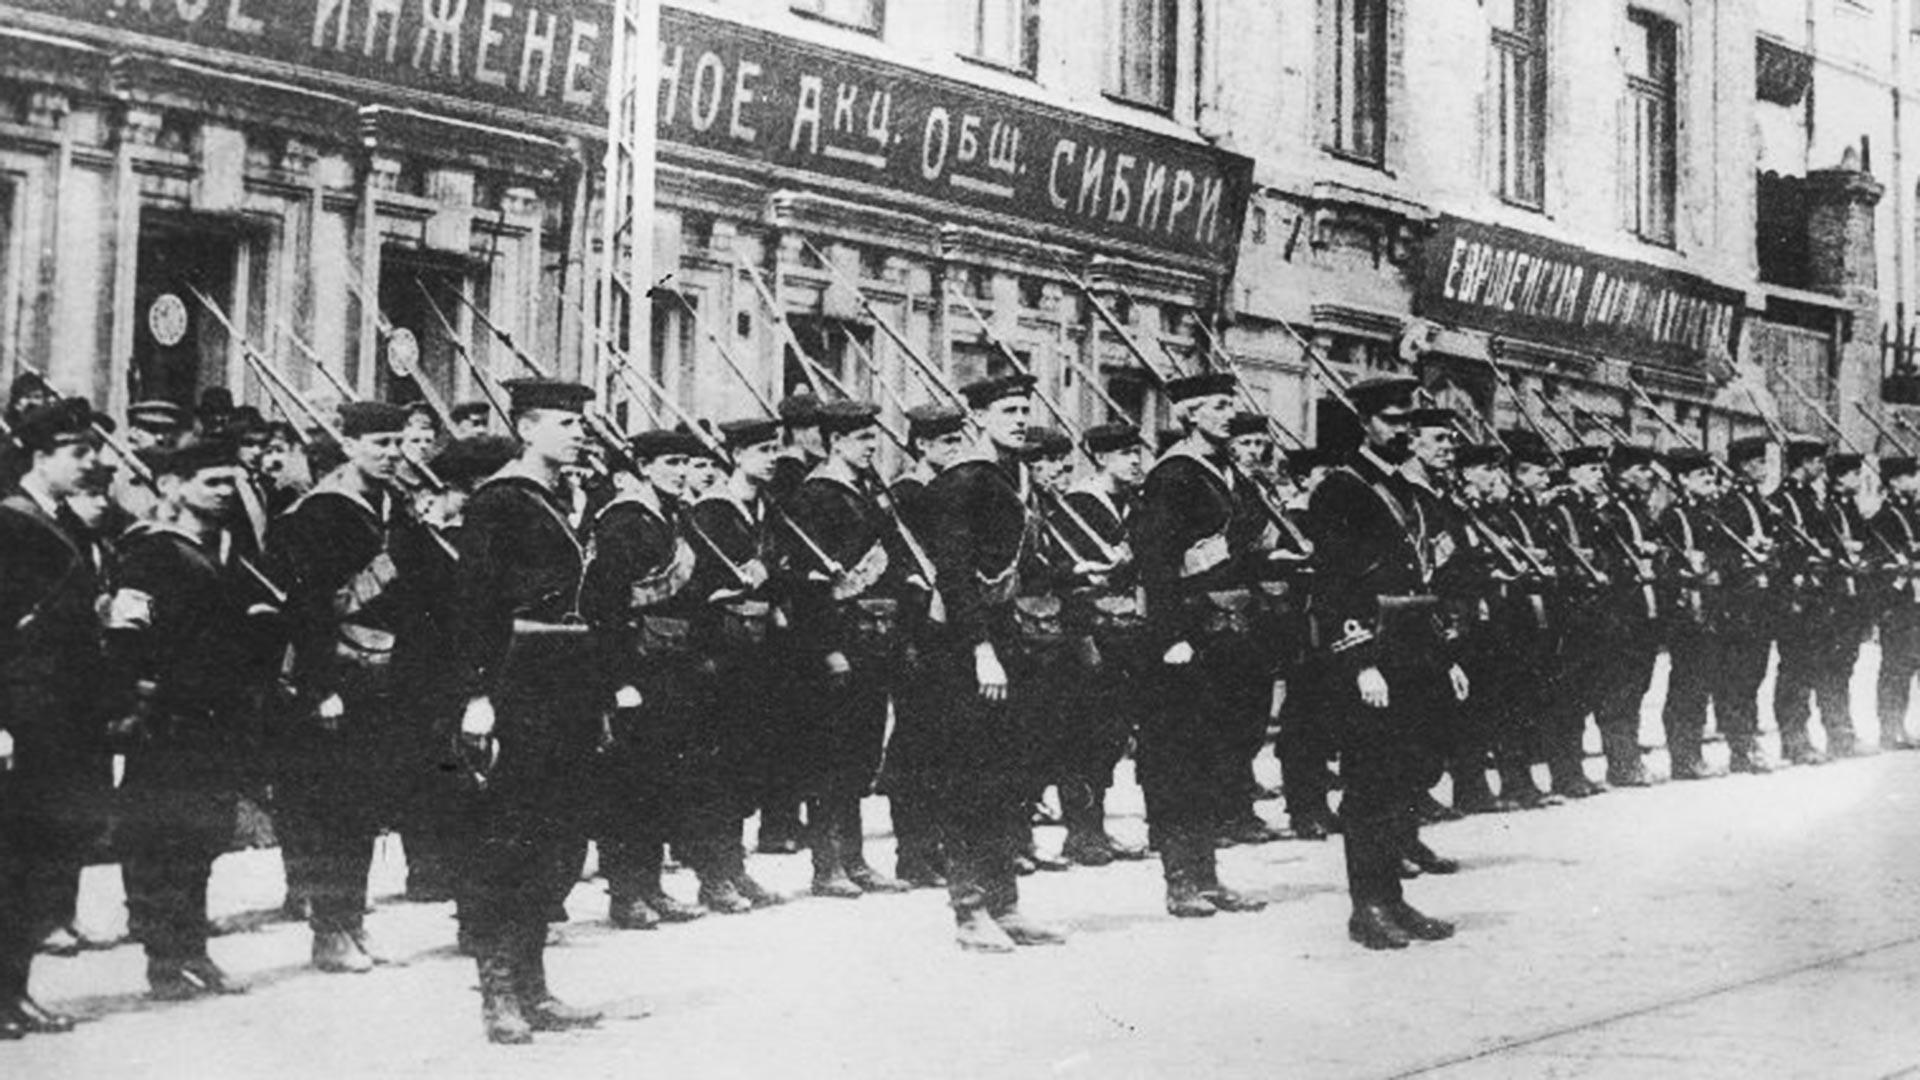 Britanski padalci pred veleposlaništvom v času tuje intervencije